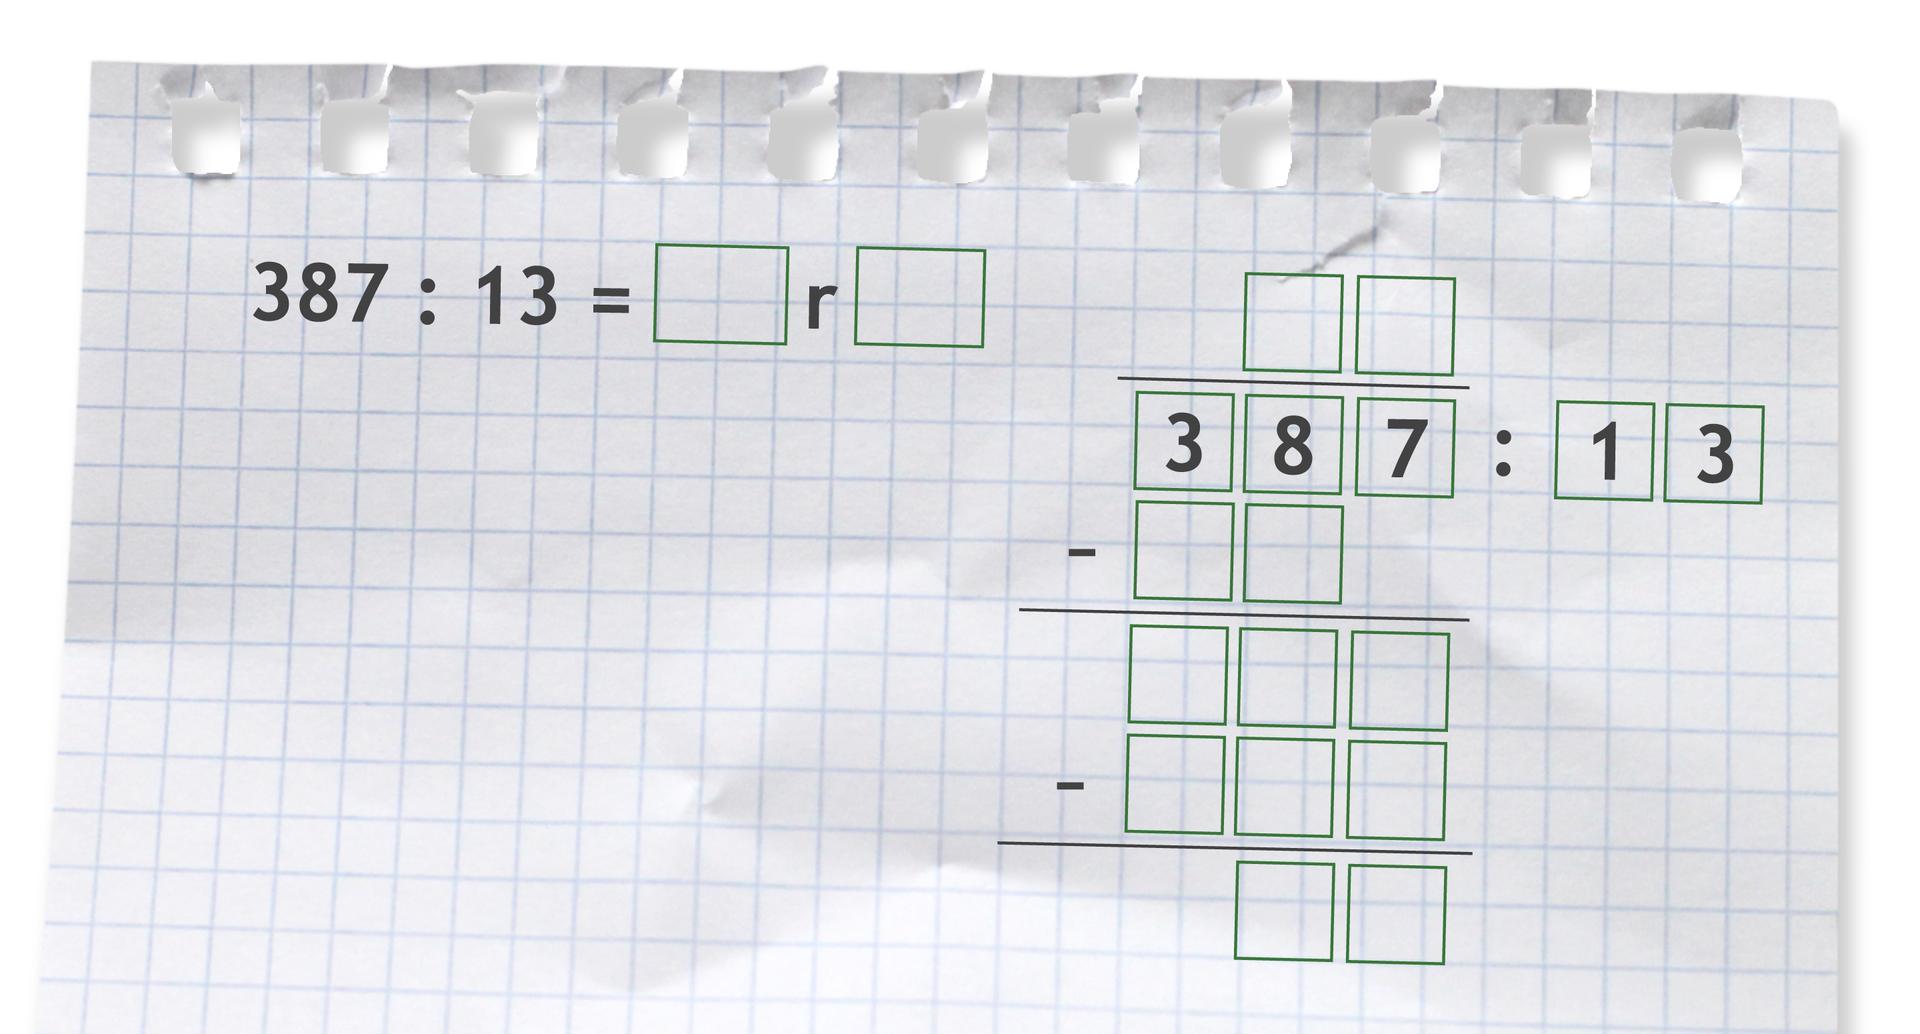 Miejsce do wykonania dzielenia zresztą: 387 dzielone przez 13.